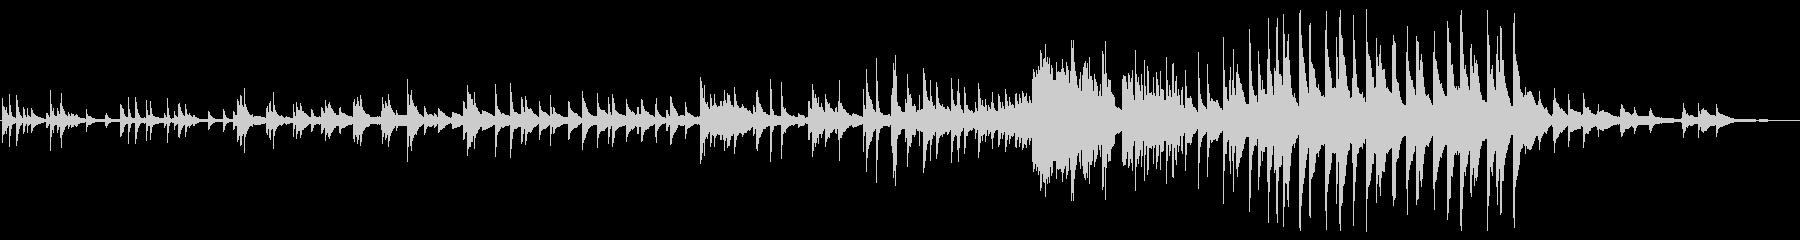 アンハッピーエンディング ■ ピアノソロの未再生の波形